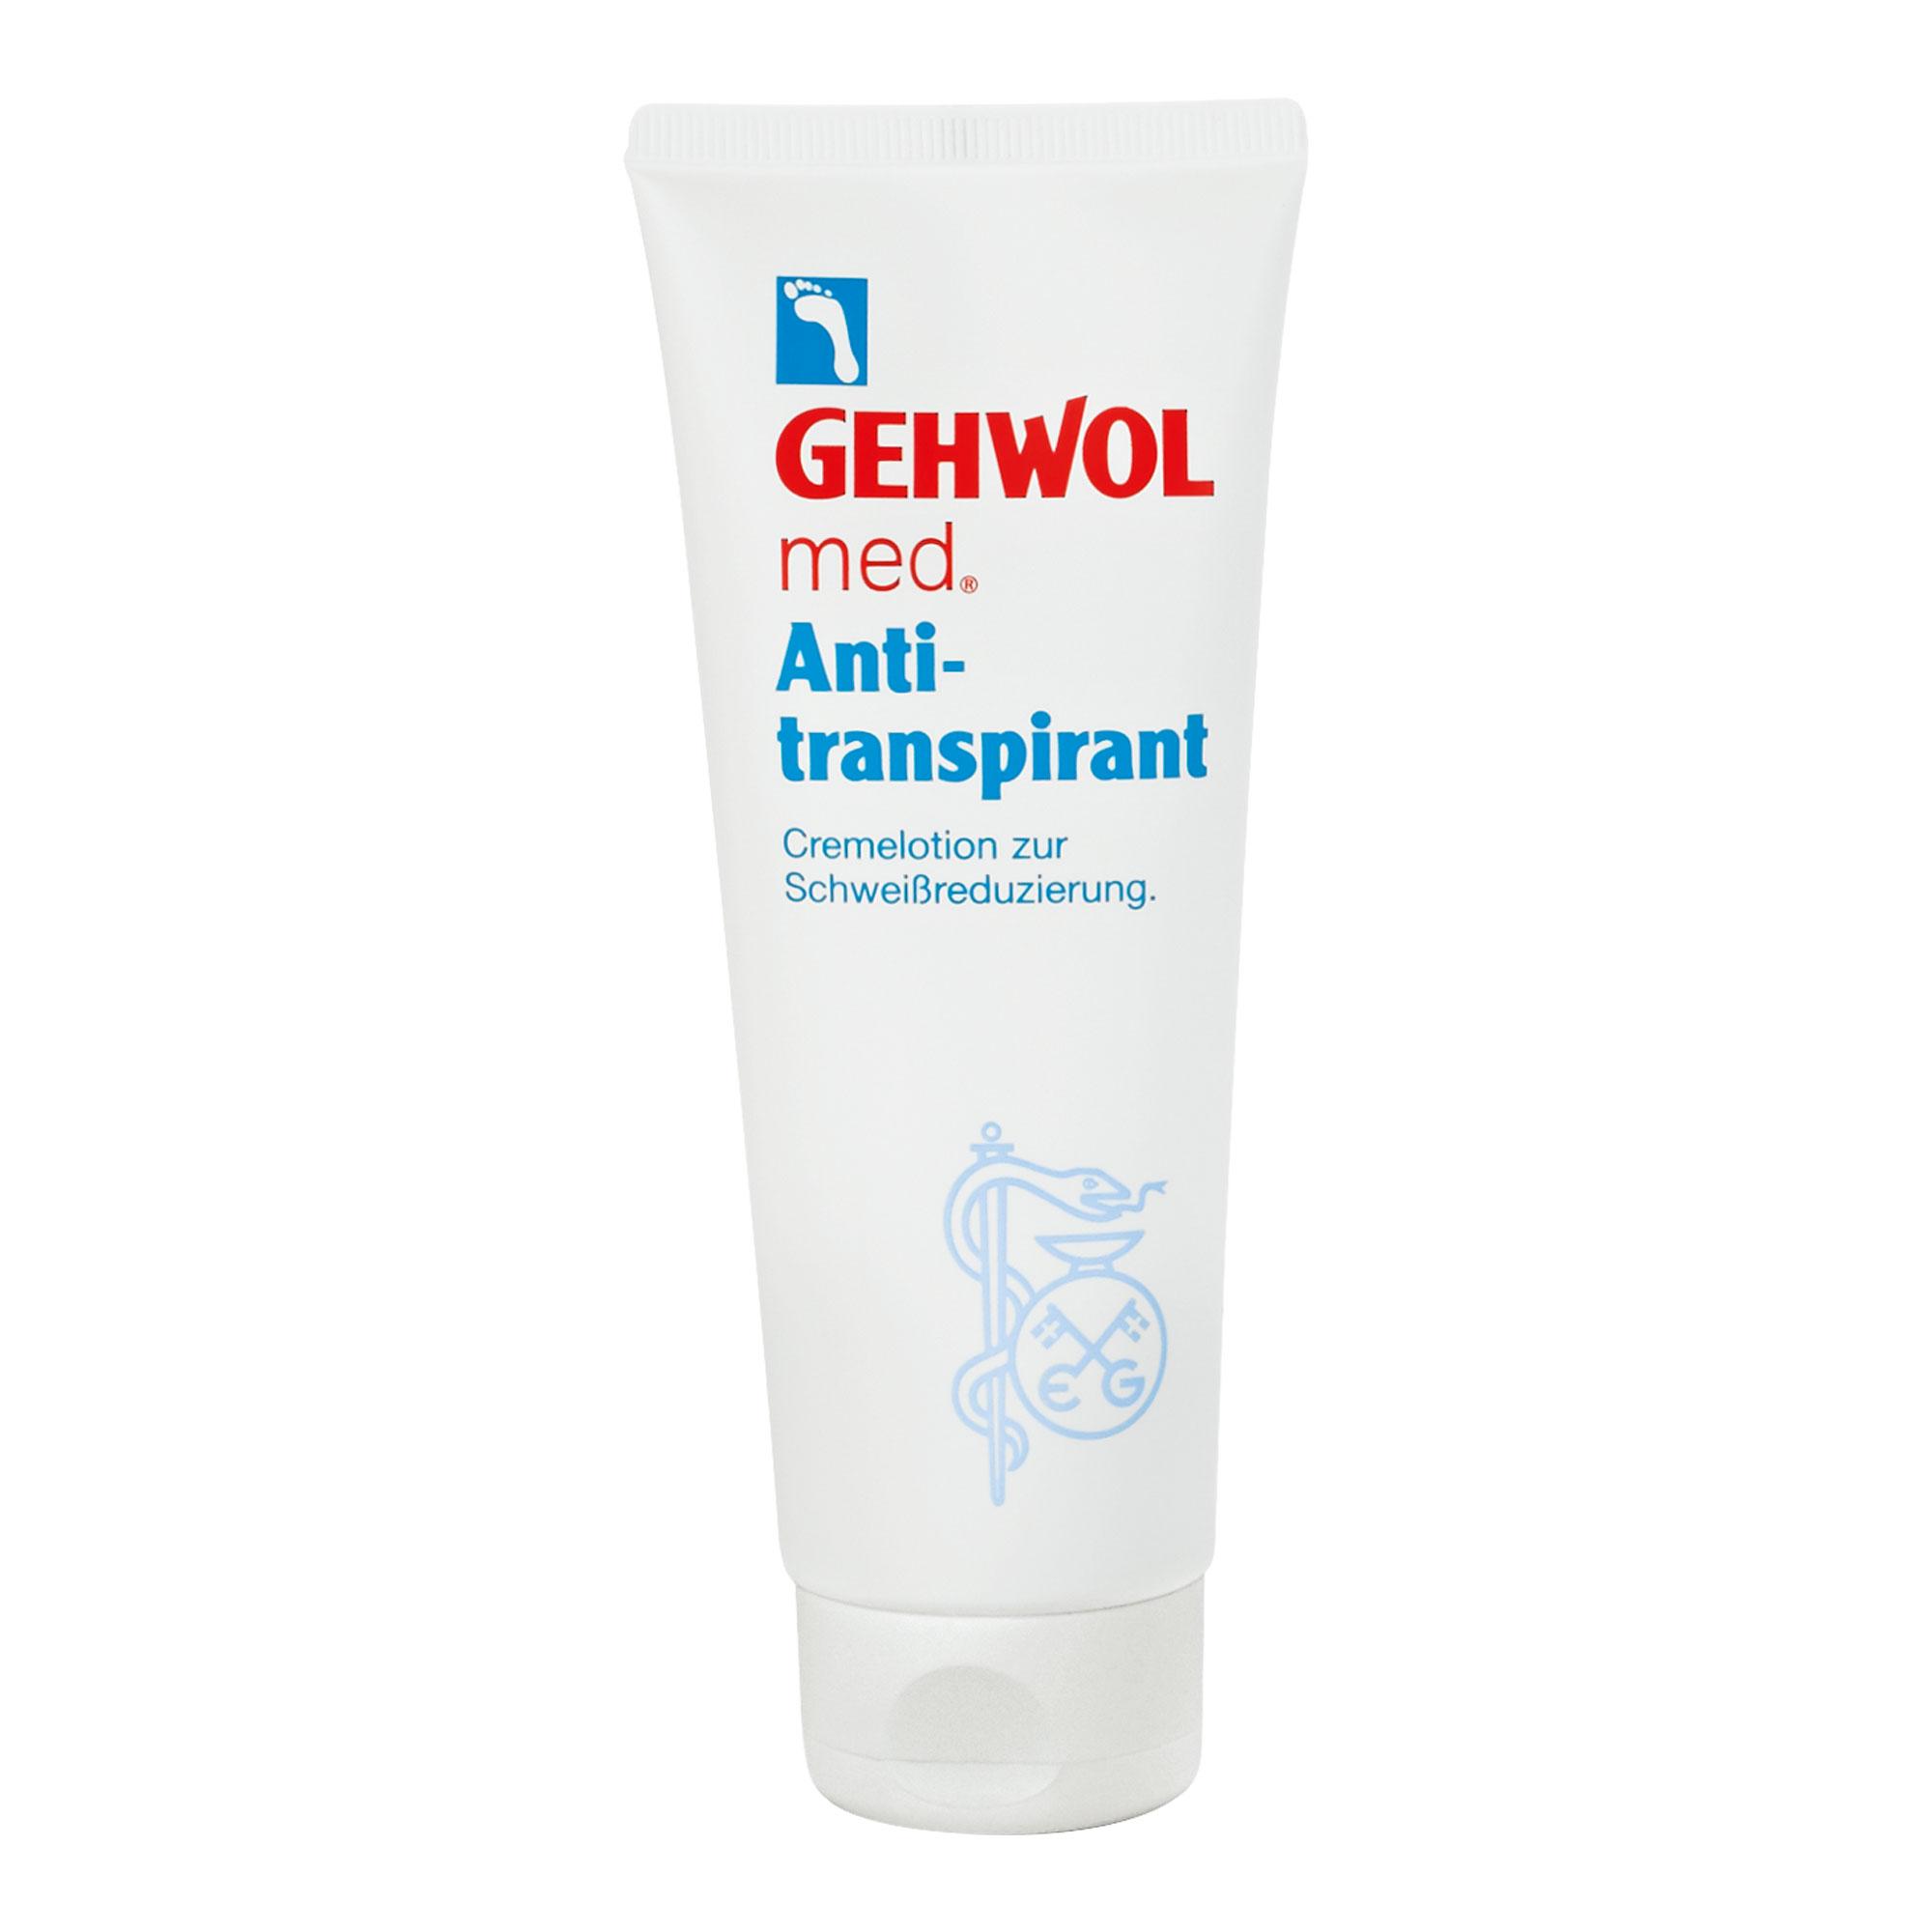 GEHWOL MED ANTITRANSPIRANT